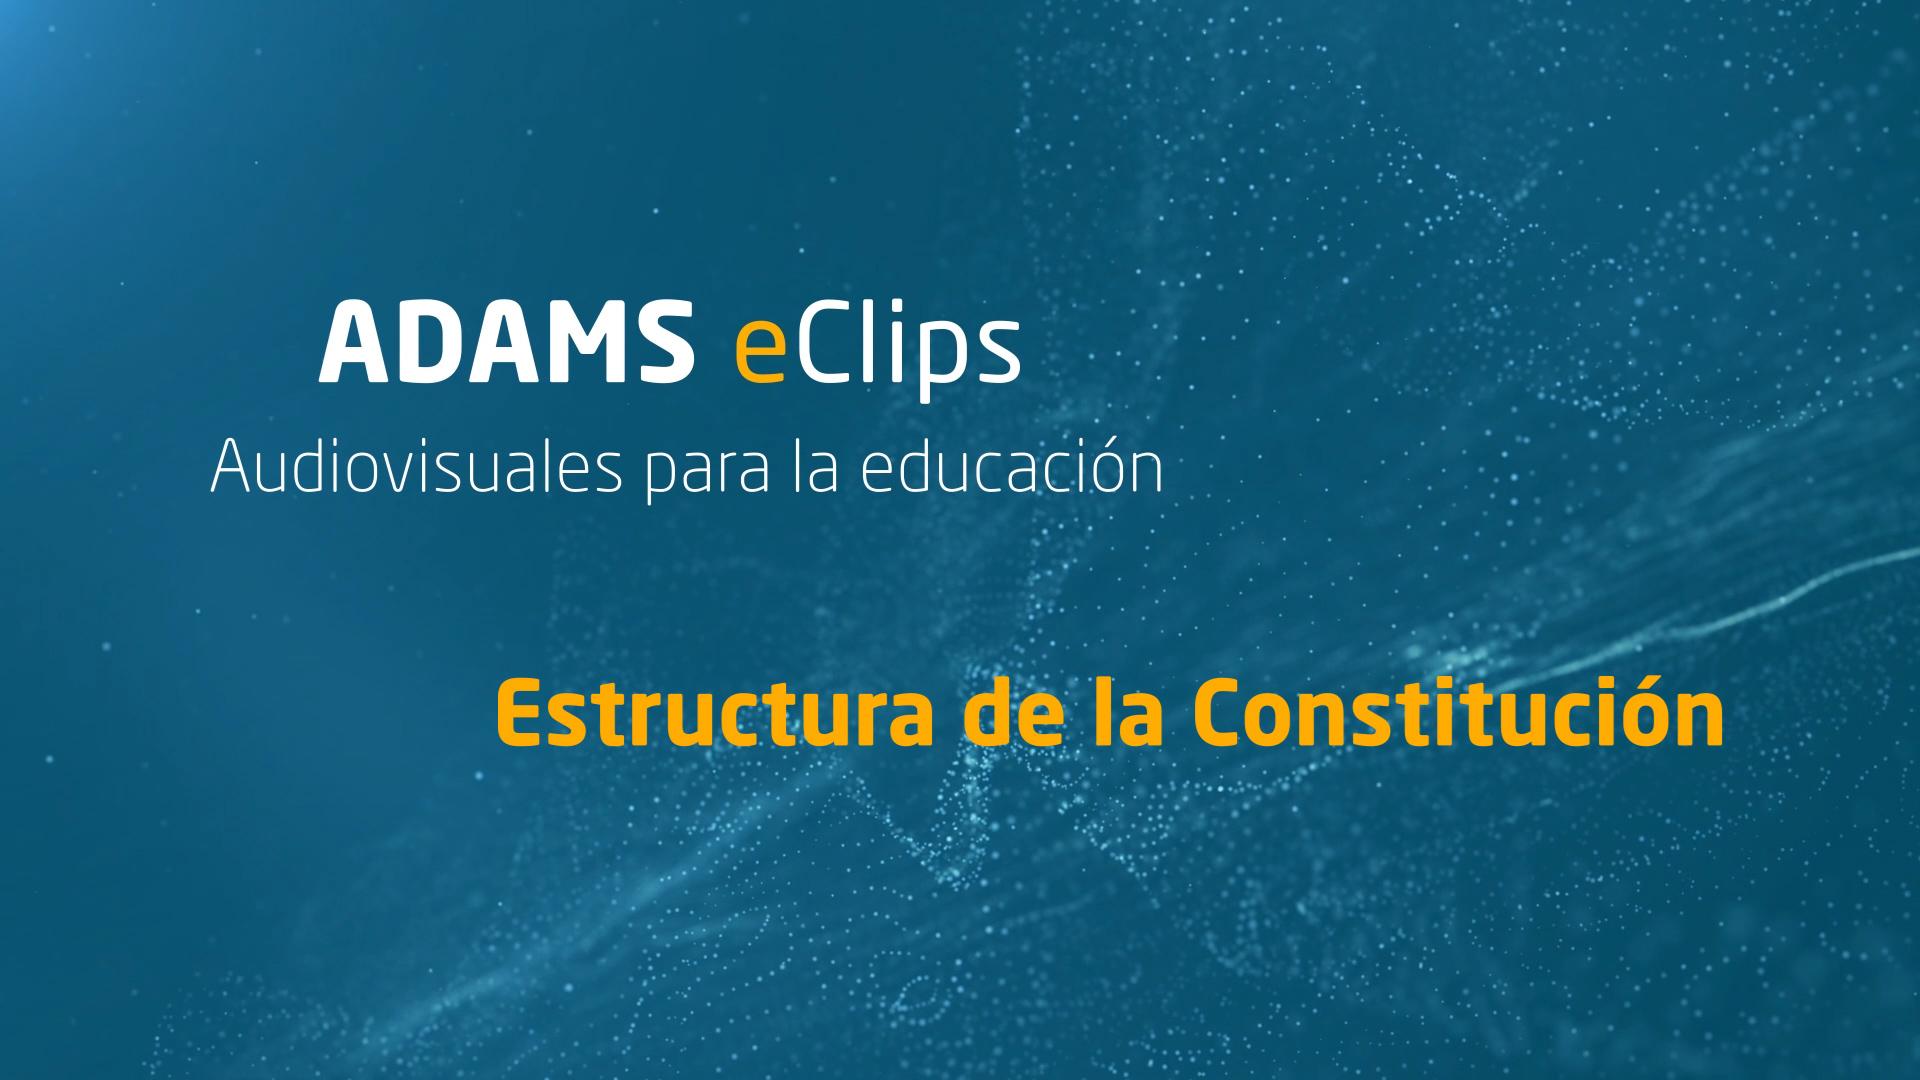 Eclips La Estructura De La Constitución Blog Del Alumno